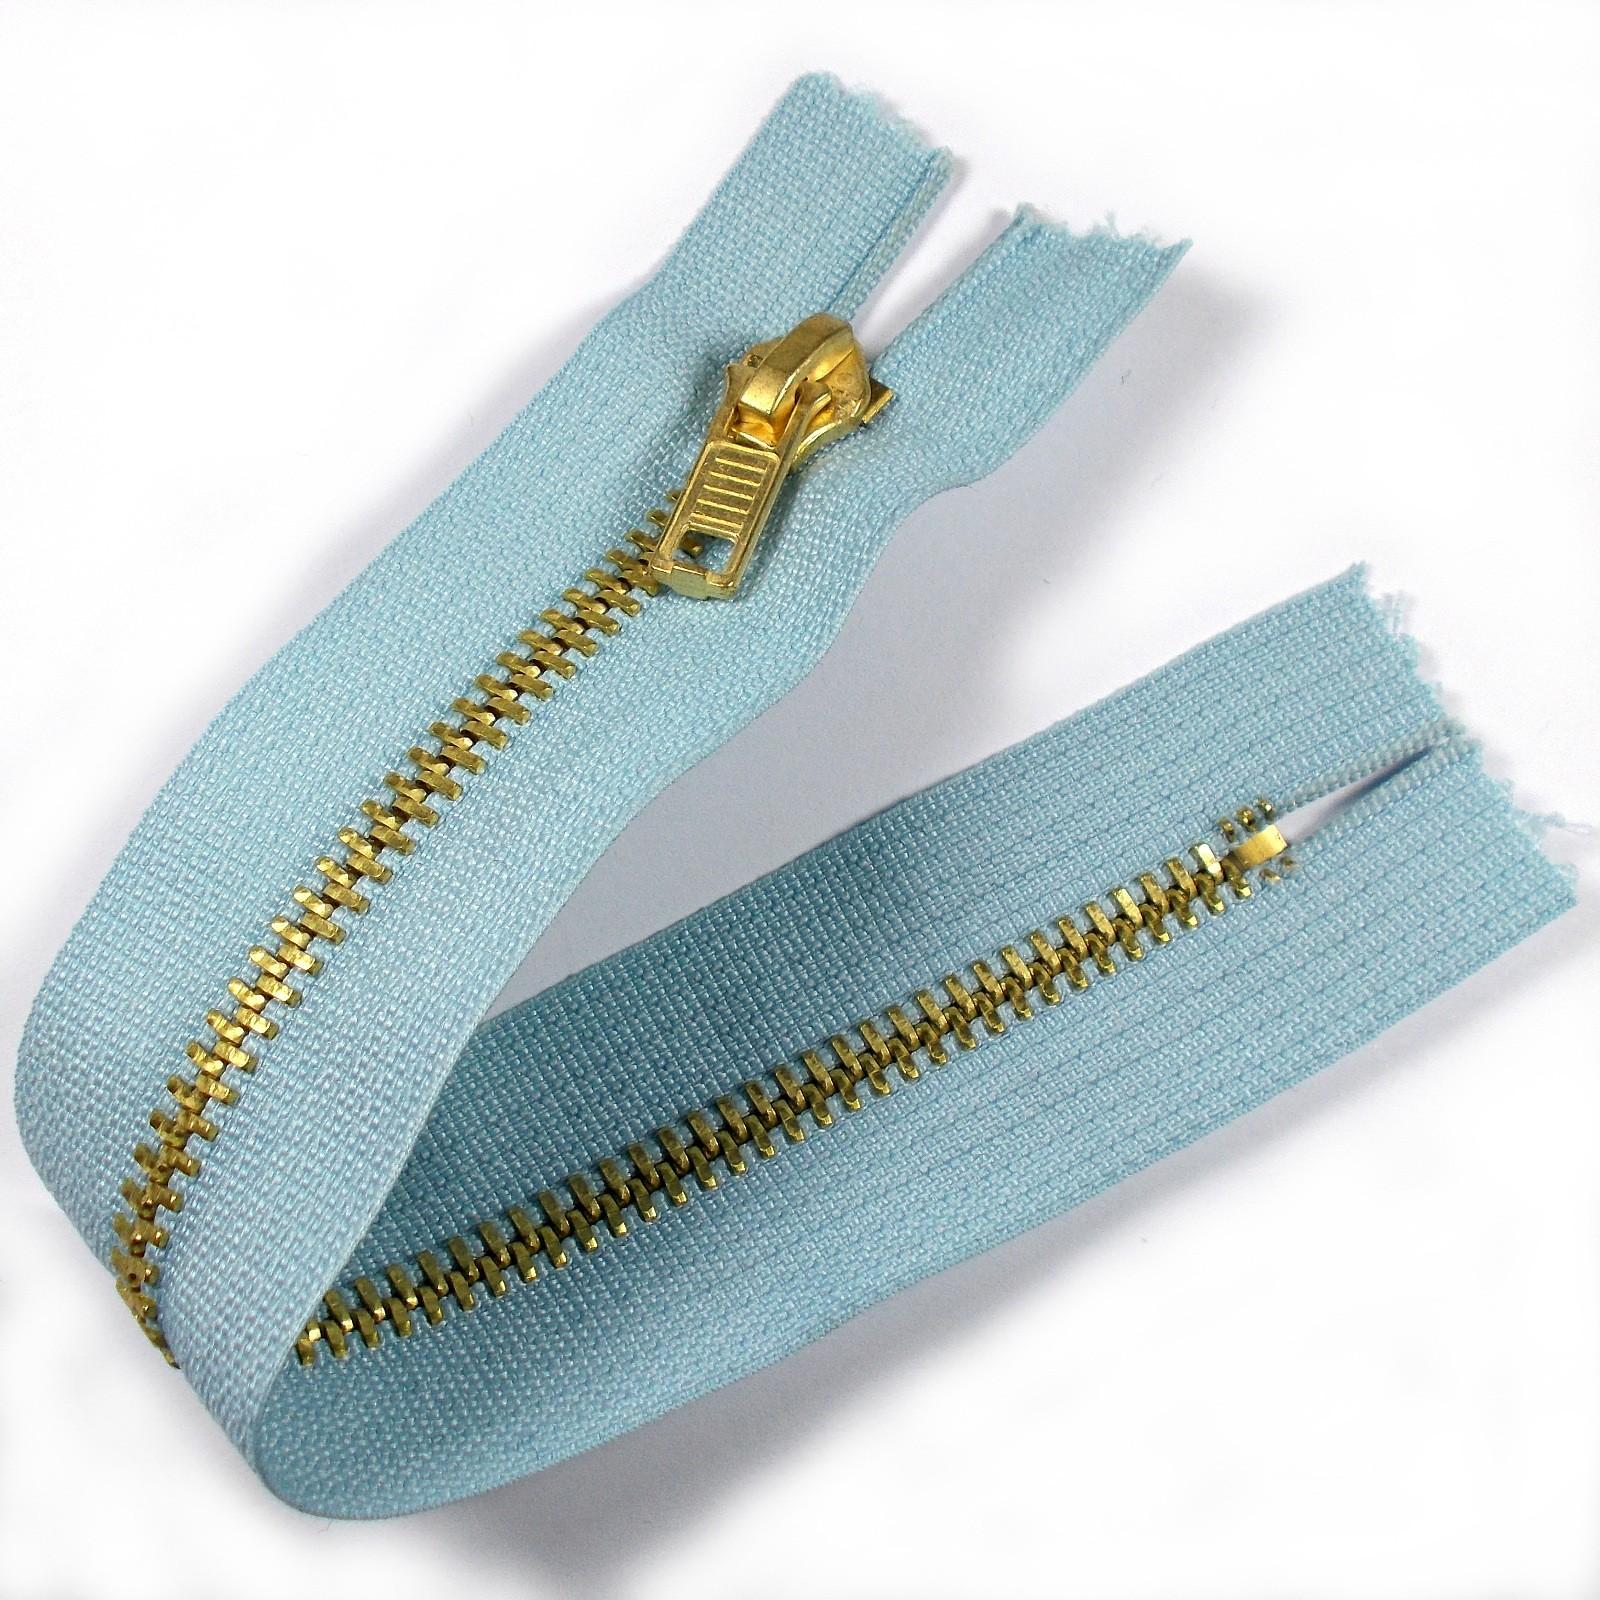 Gold Metal Trouser Jeans Zip Zipper 8 inch Light Blue